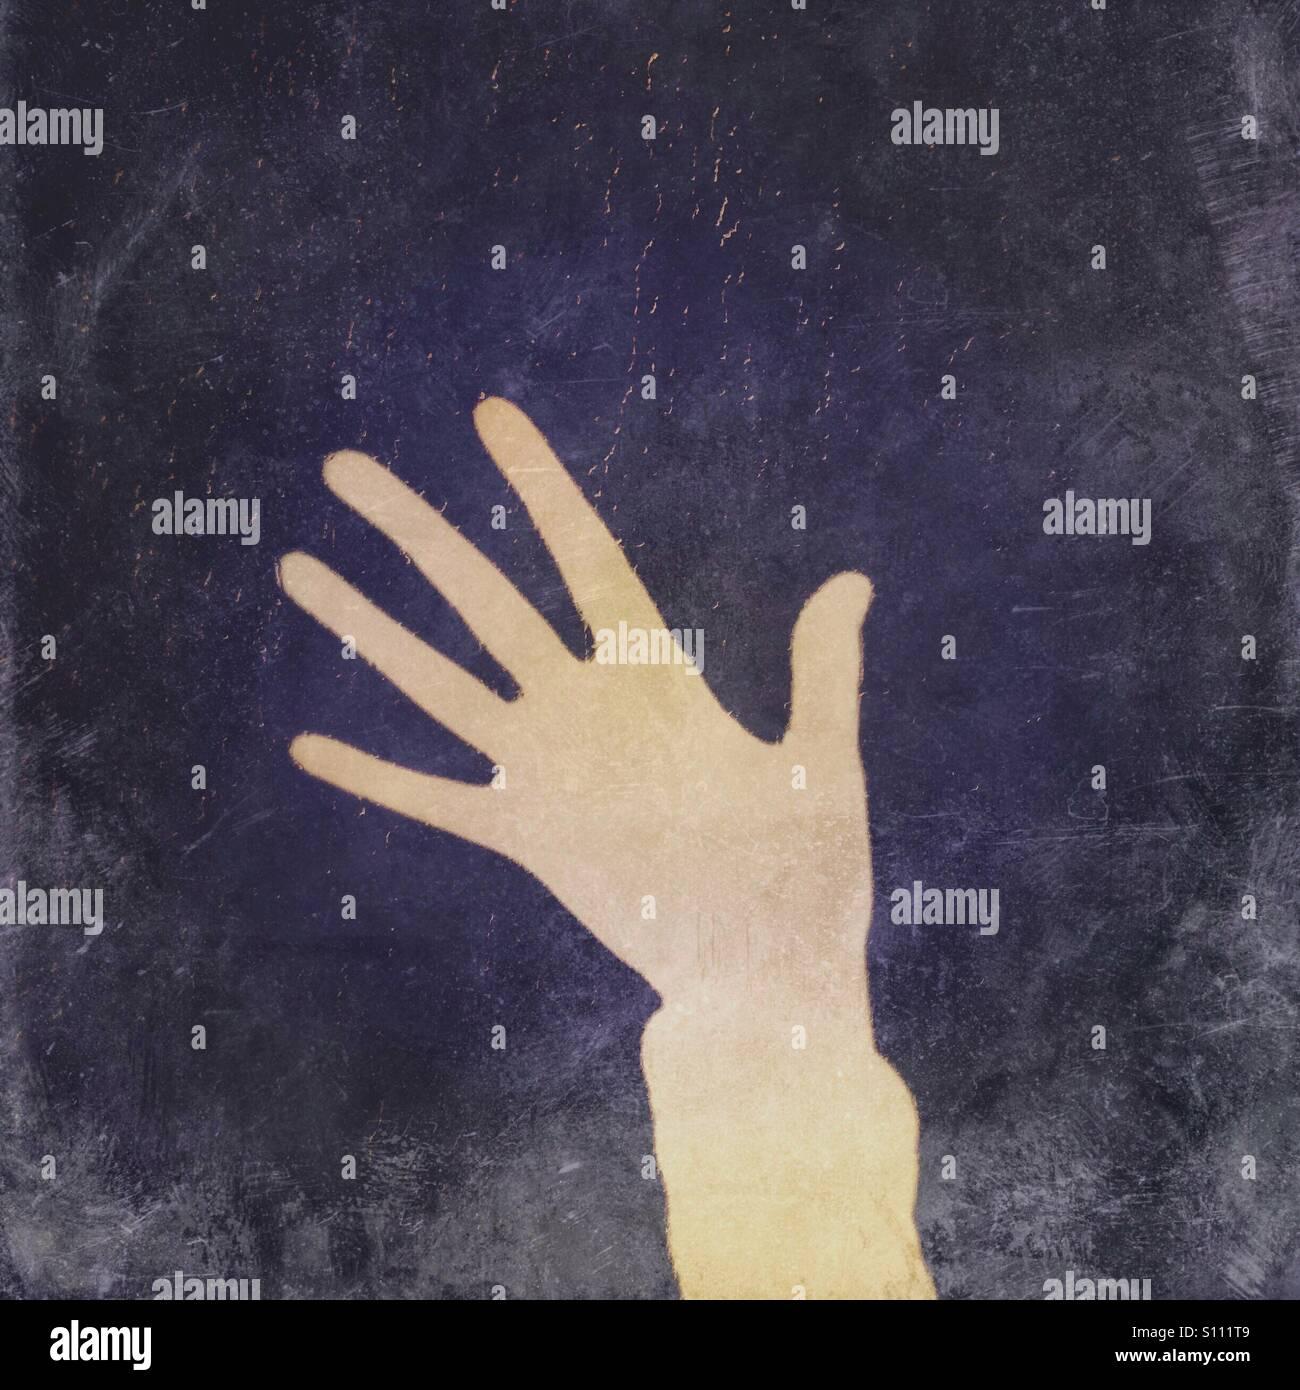 Schatten eine Hand mit fünf Fingern Stockbild